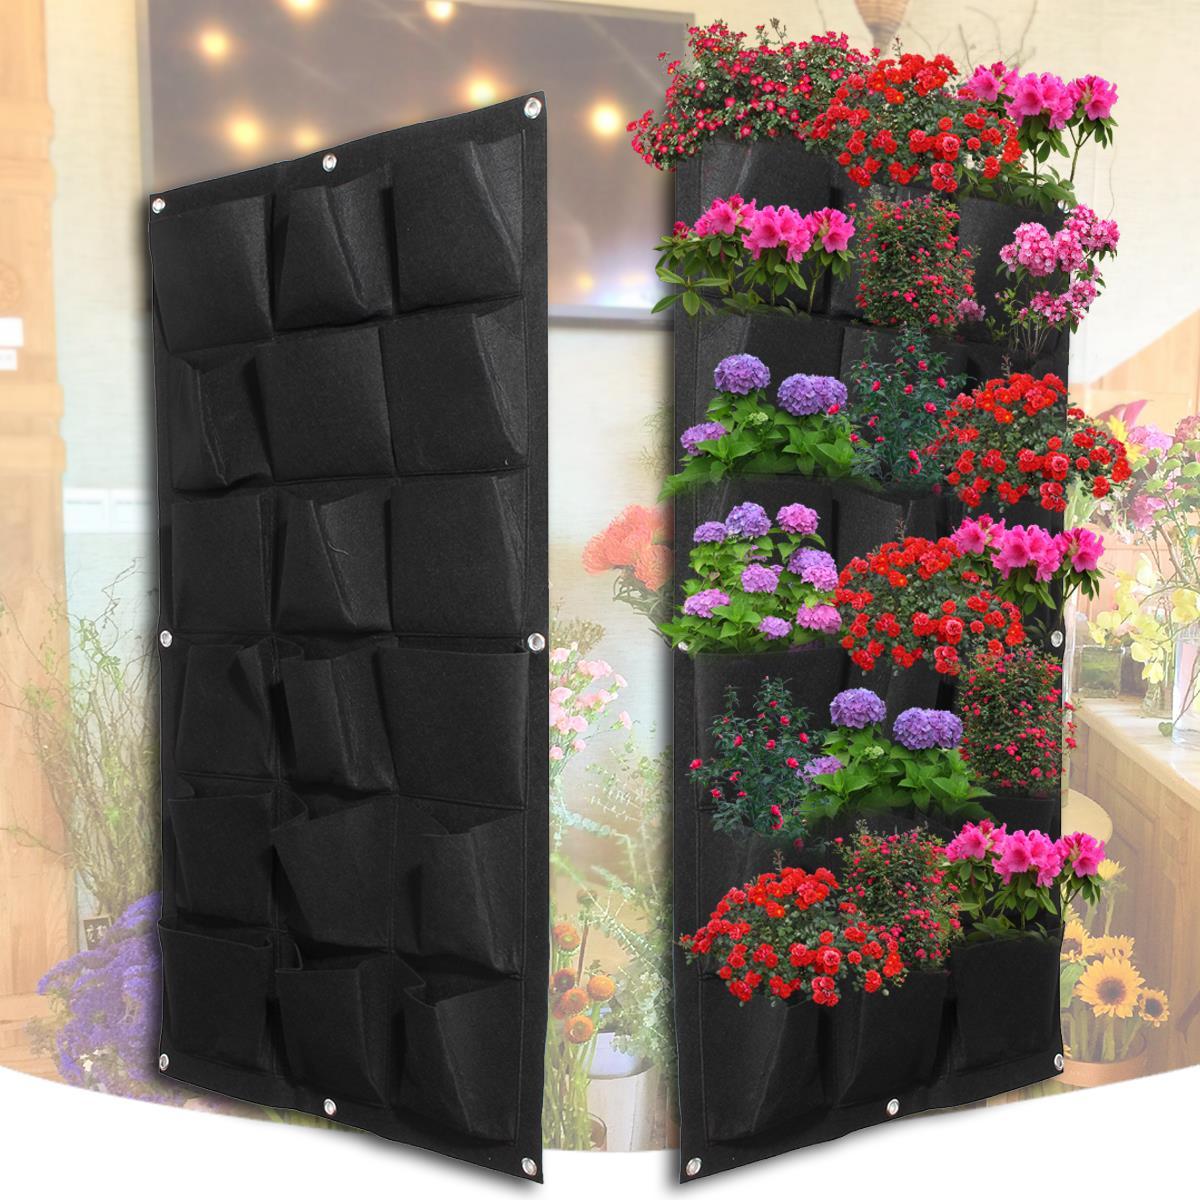 أكياس زرع 18 جيوب وعاء أسود معلقة - لوازم الحدائق